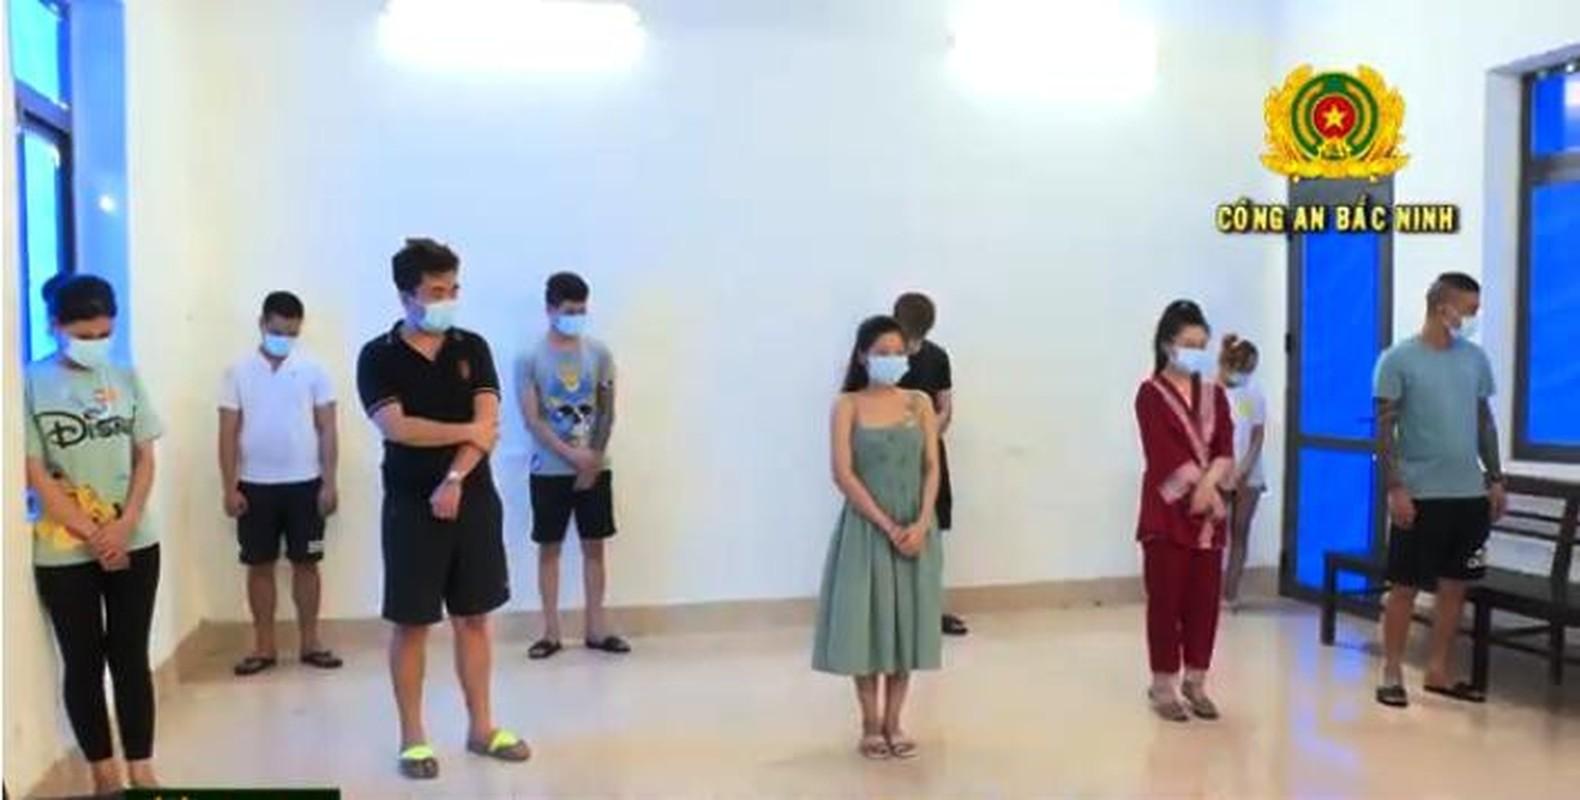 Tin nong ngay 12/6: Chu tro Bac Giang cung 6 nguoi nhau xem bong da-Hinh-7